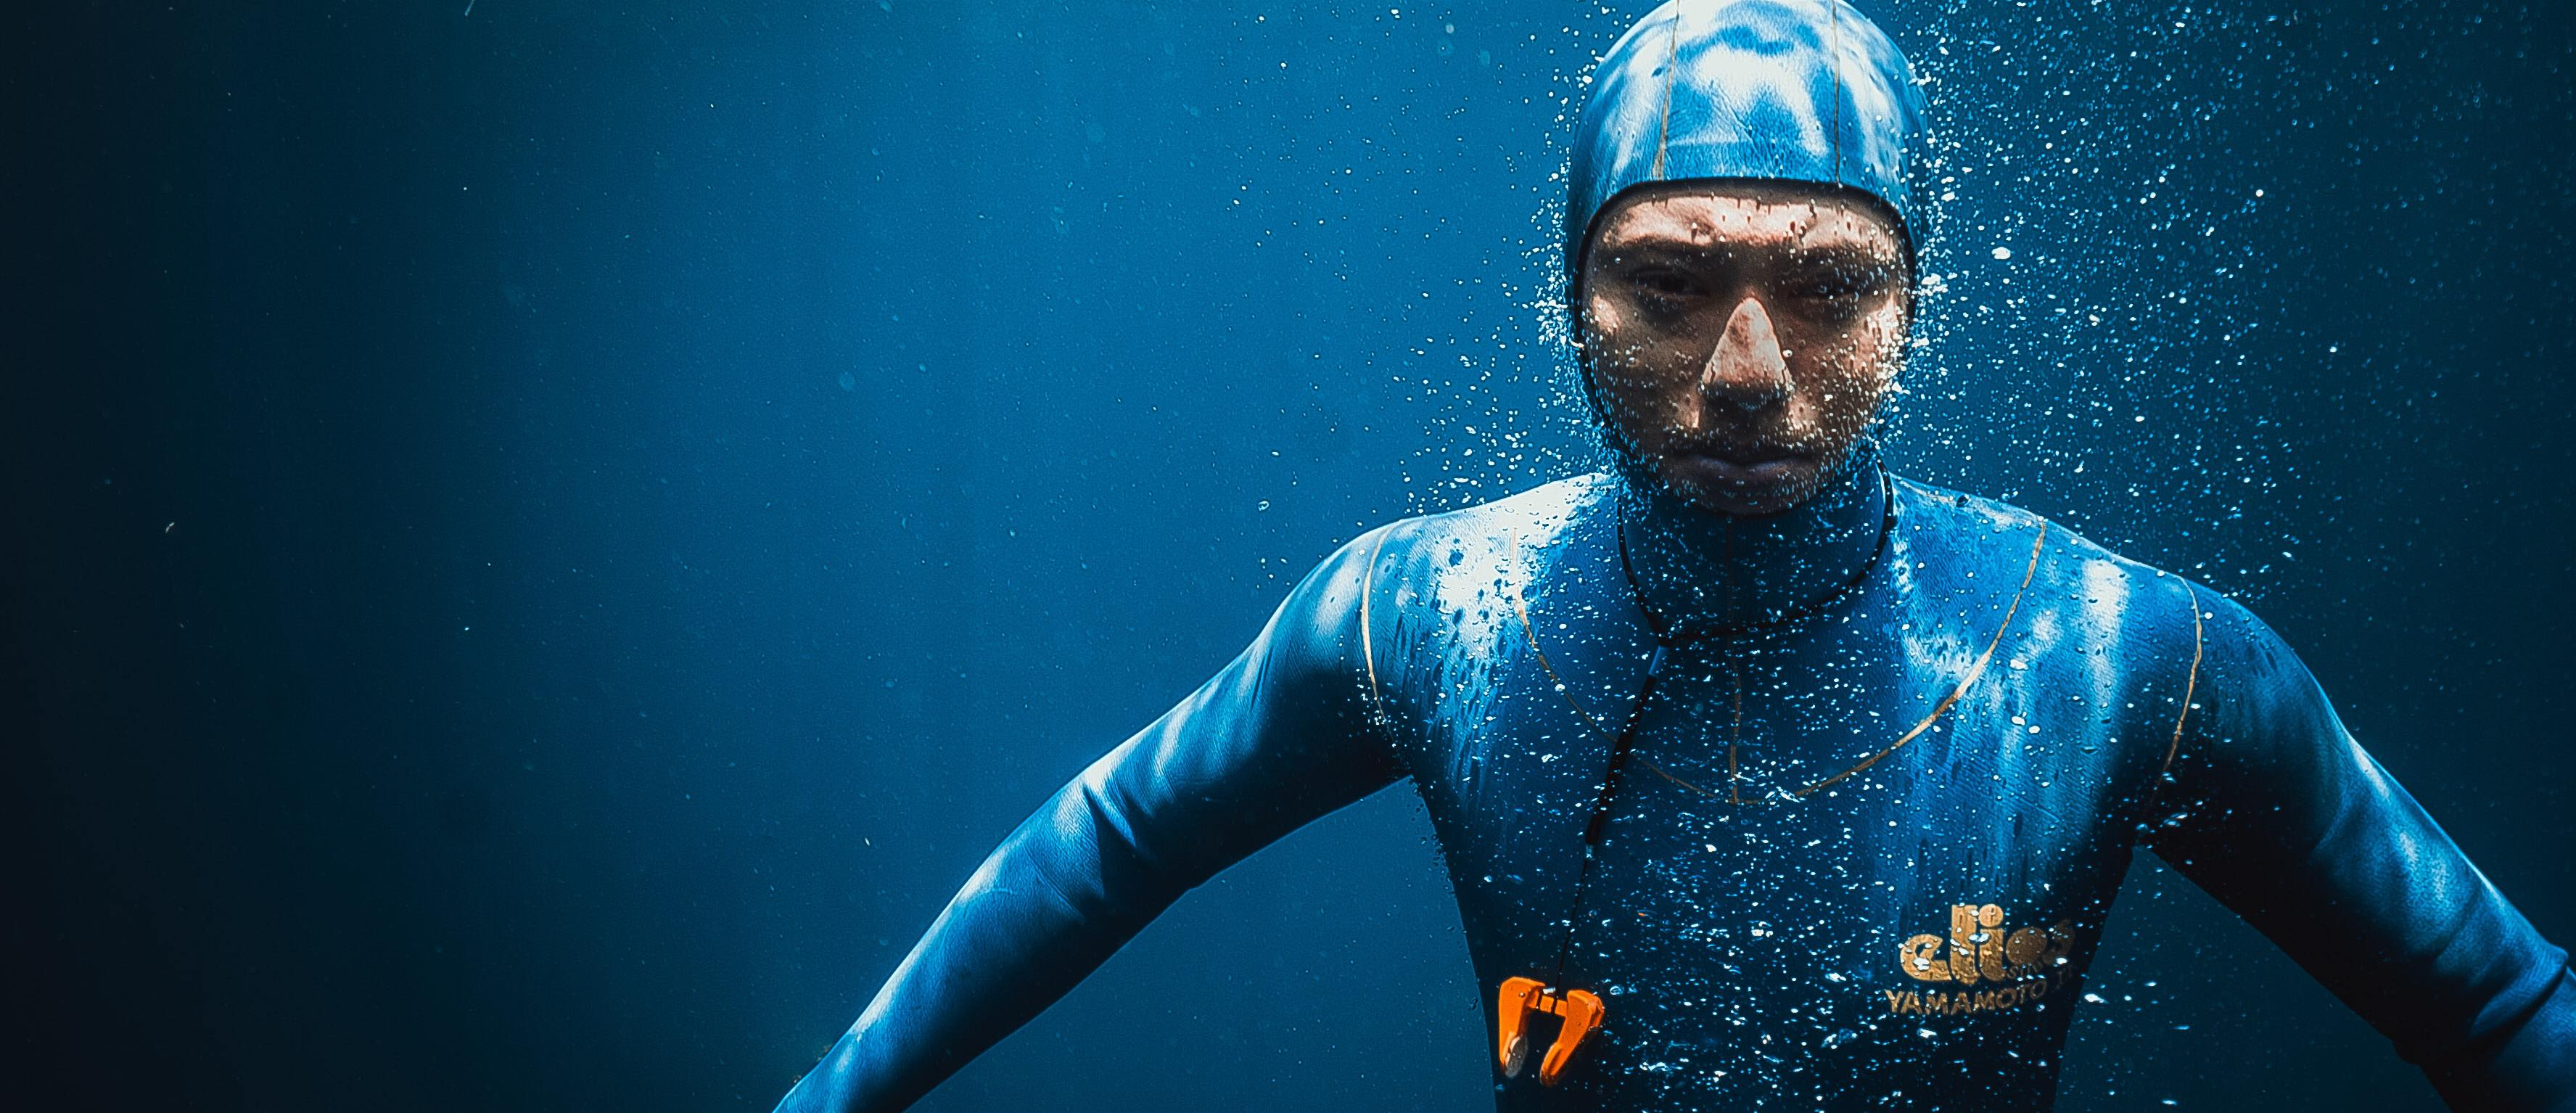 freediver underwater blue wetsuit